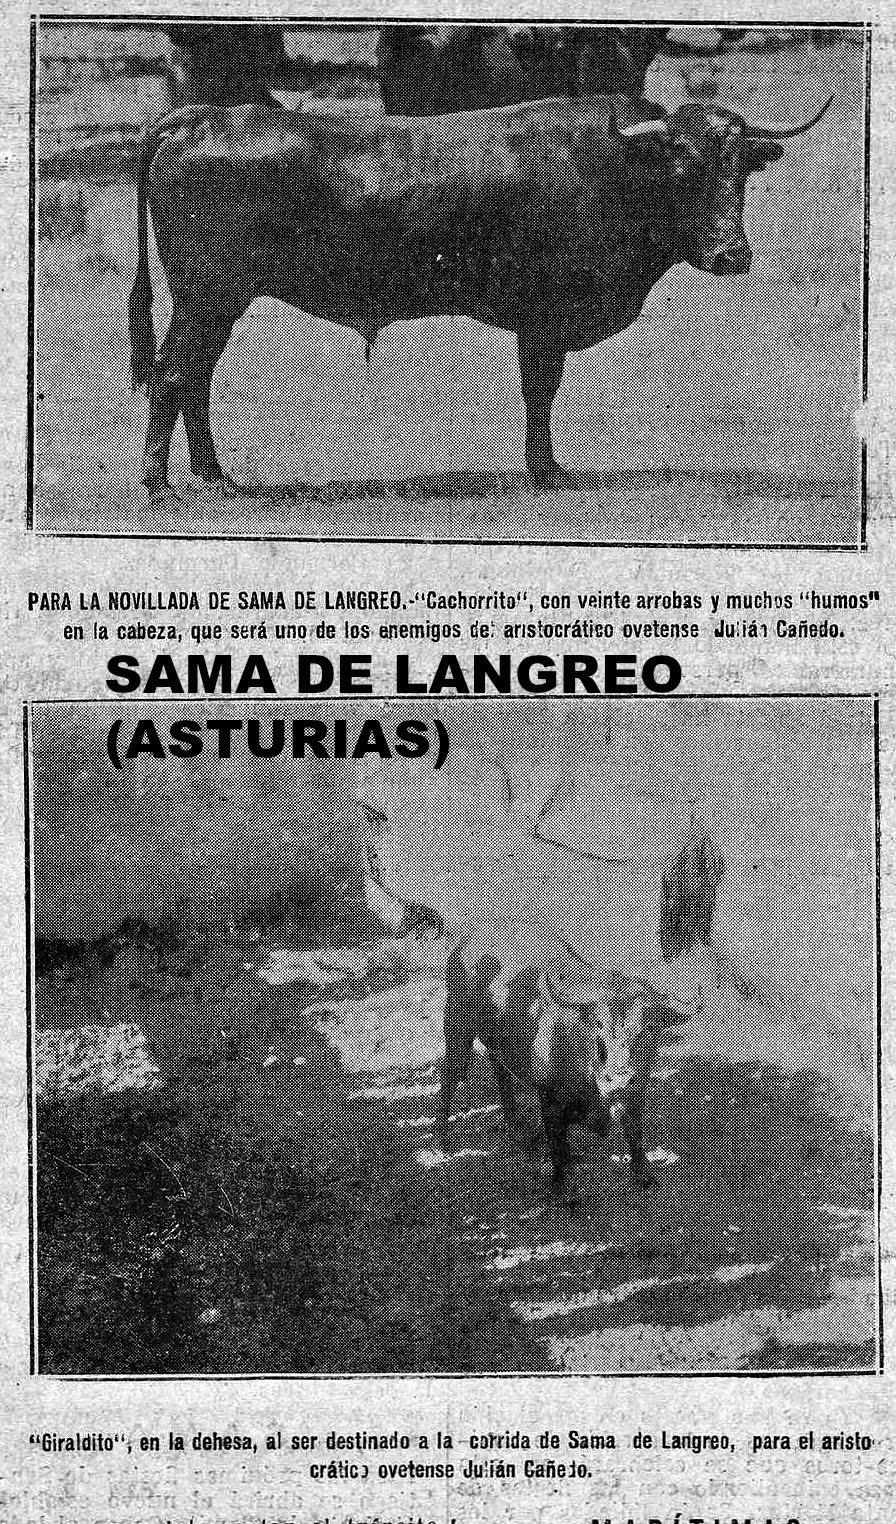 SAMA DE LANGREO ASTURIAS TOROS